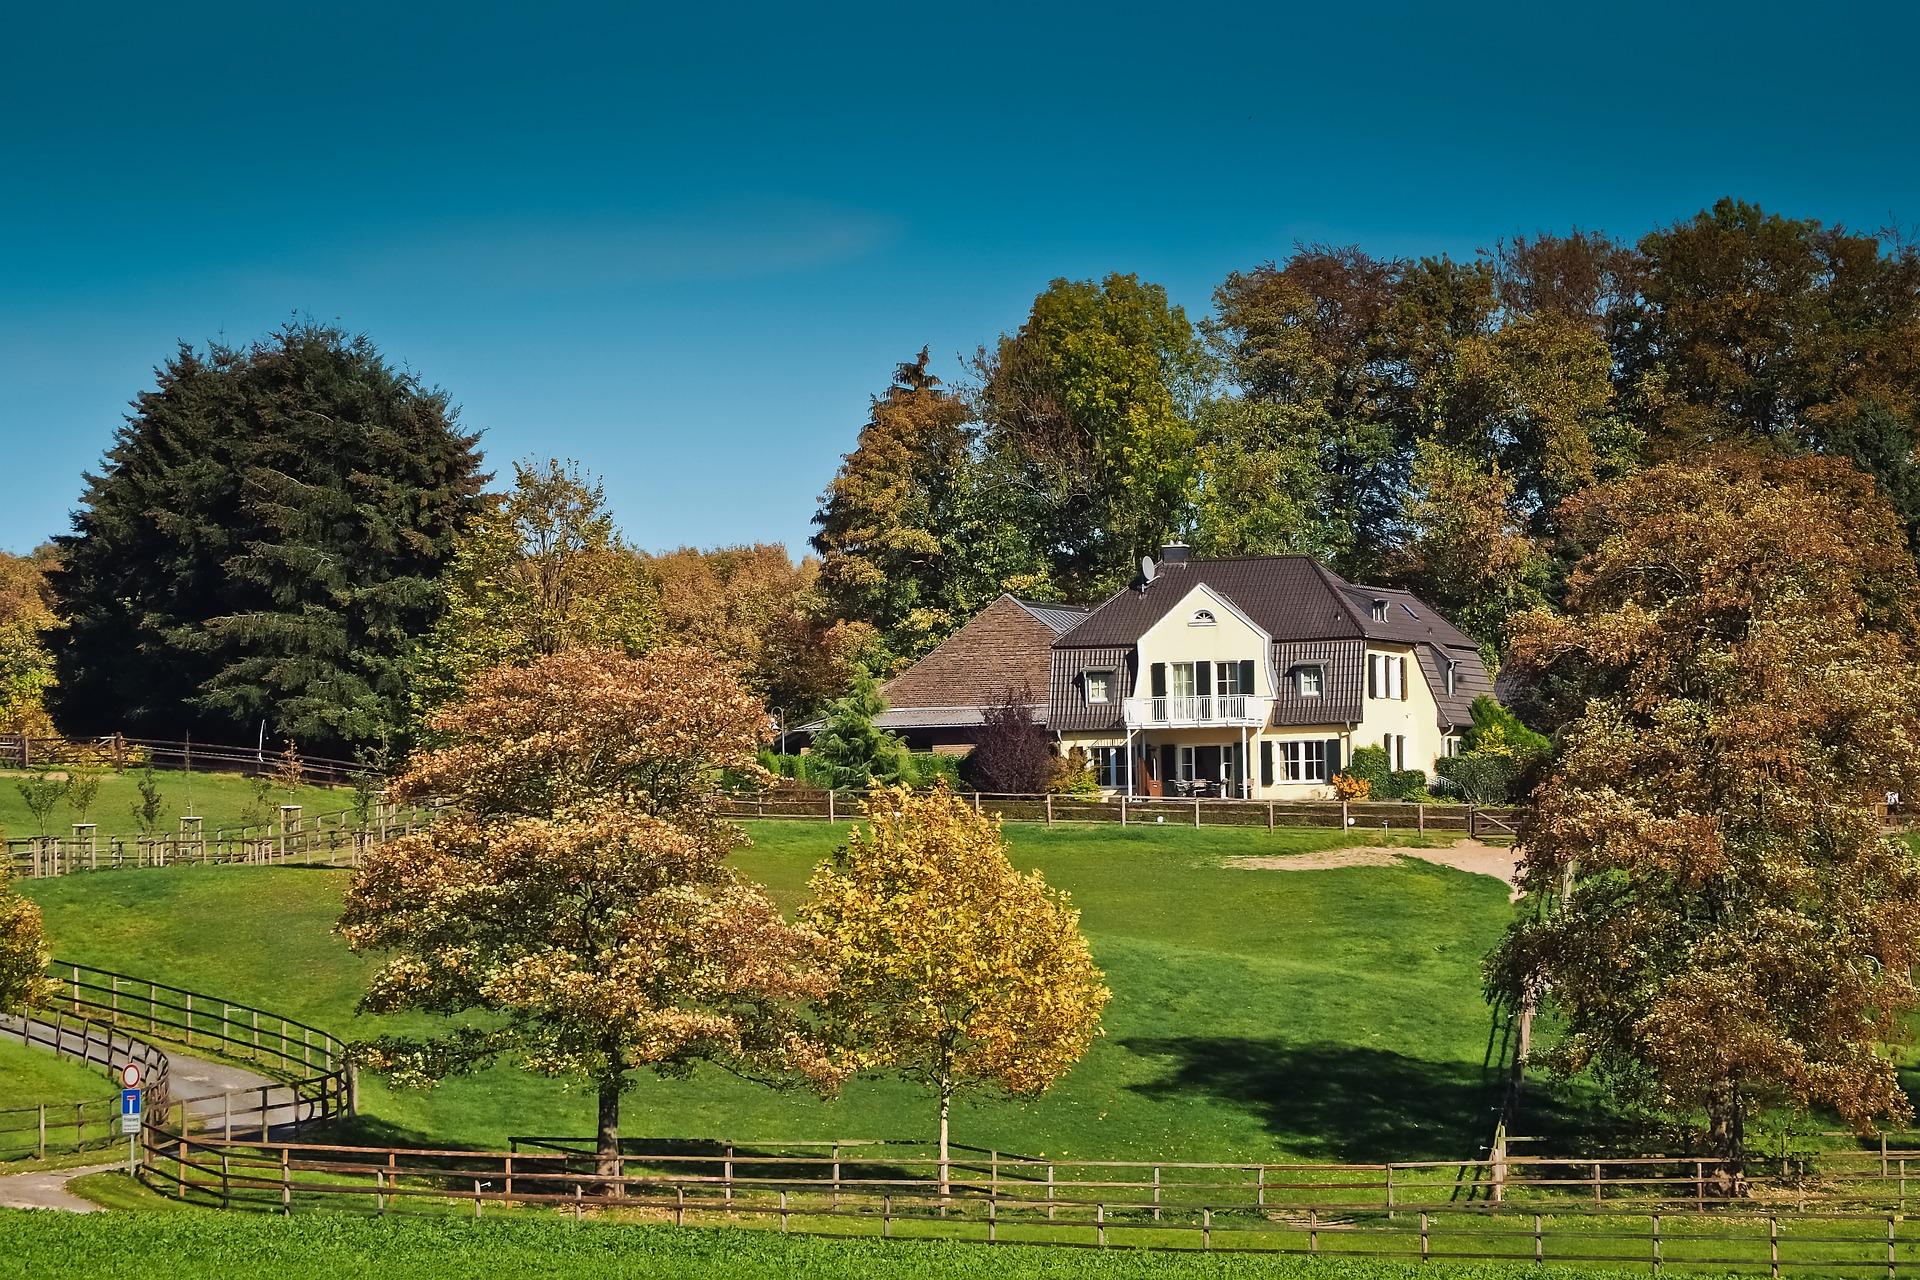 Rural Home Estate Simcoe County